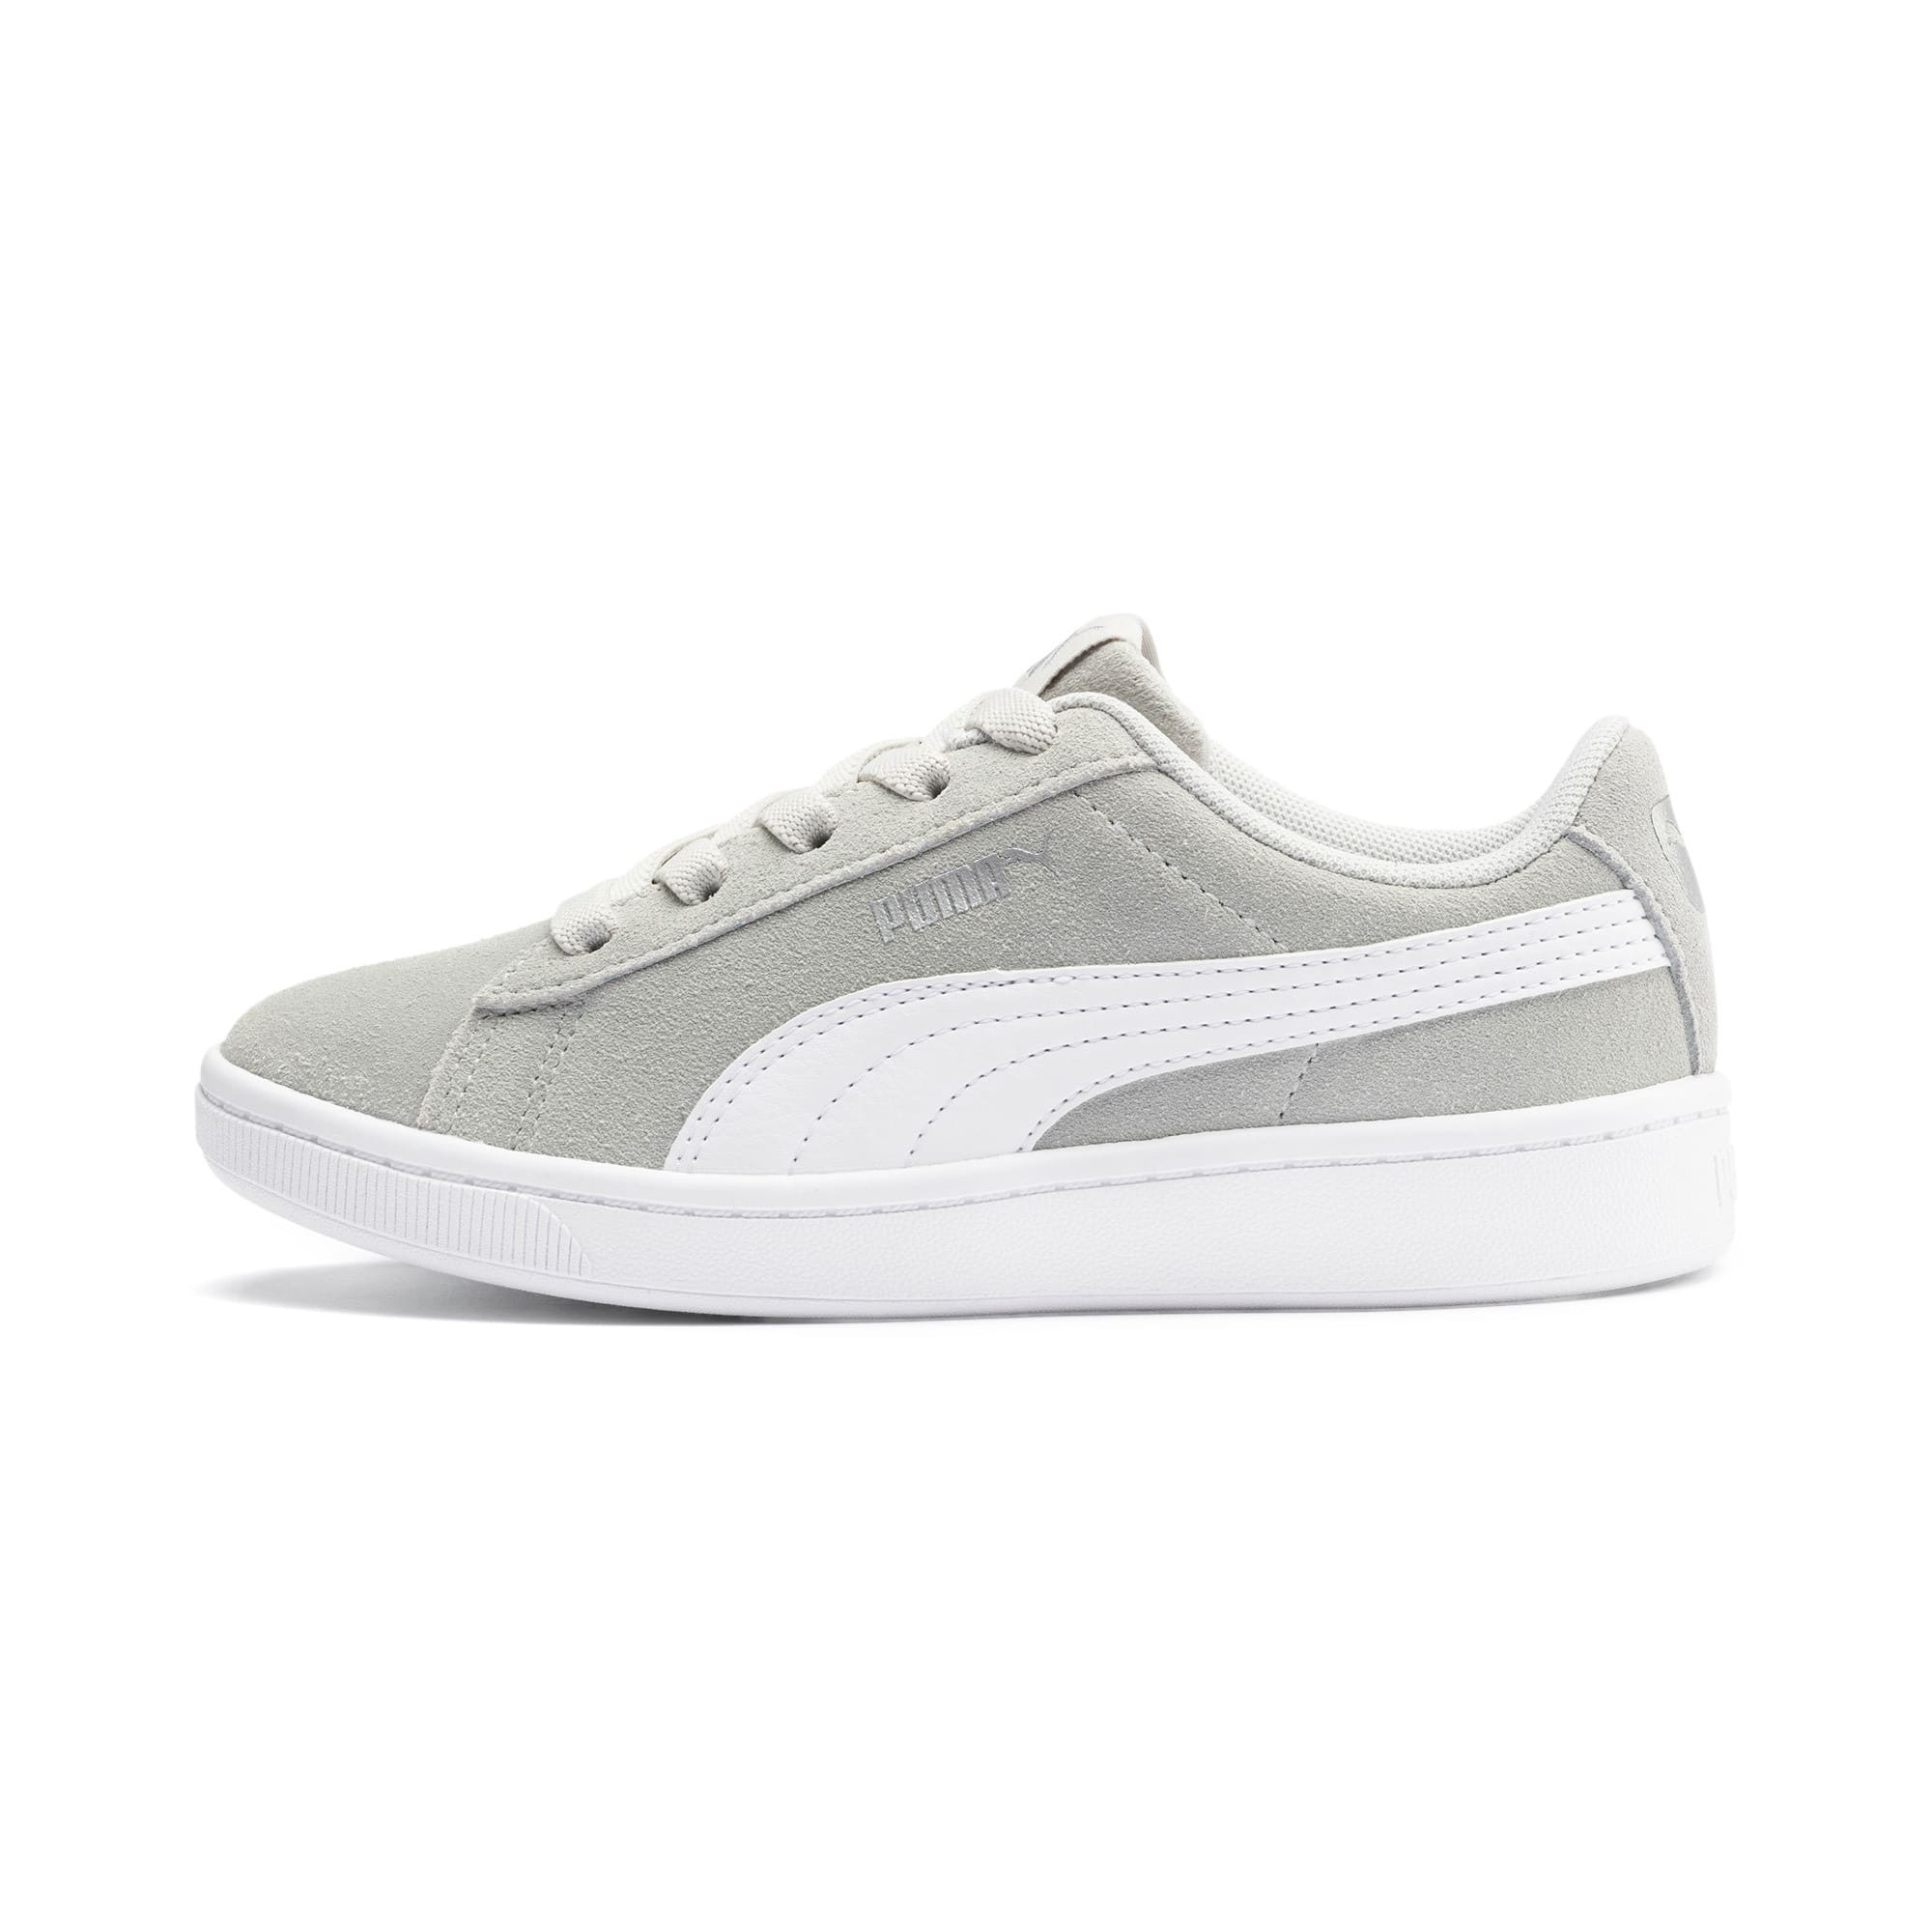 sklep internetowy popularna marka sprzedaż obuwia PUMA Vikky v2 Suede AC Sneakers PS